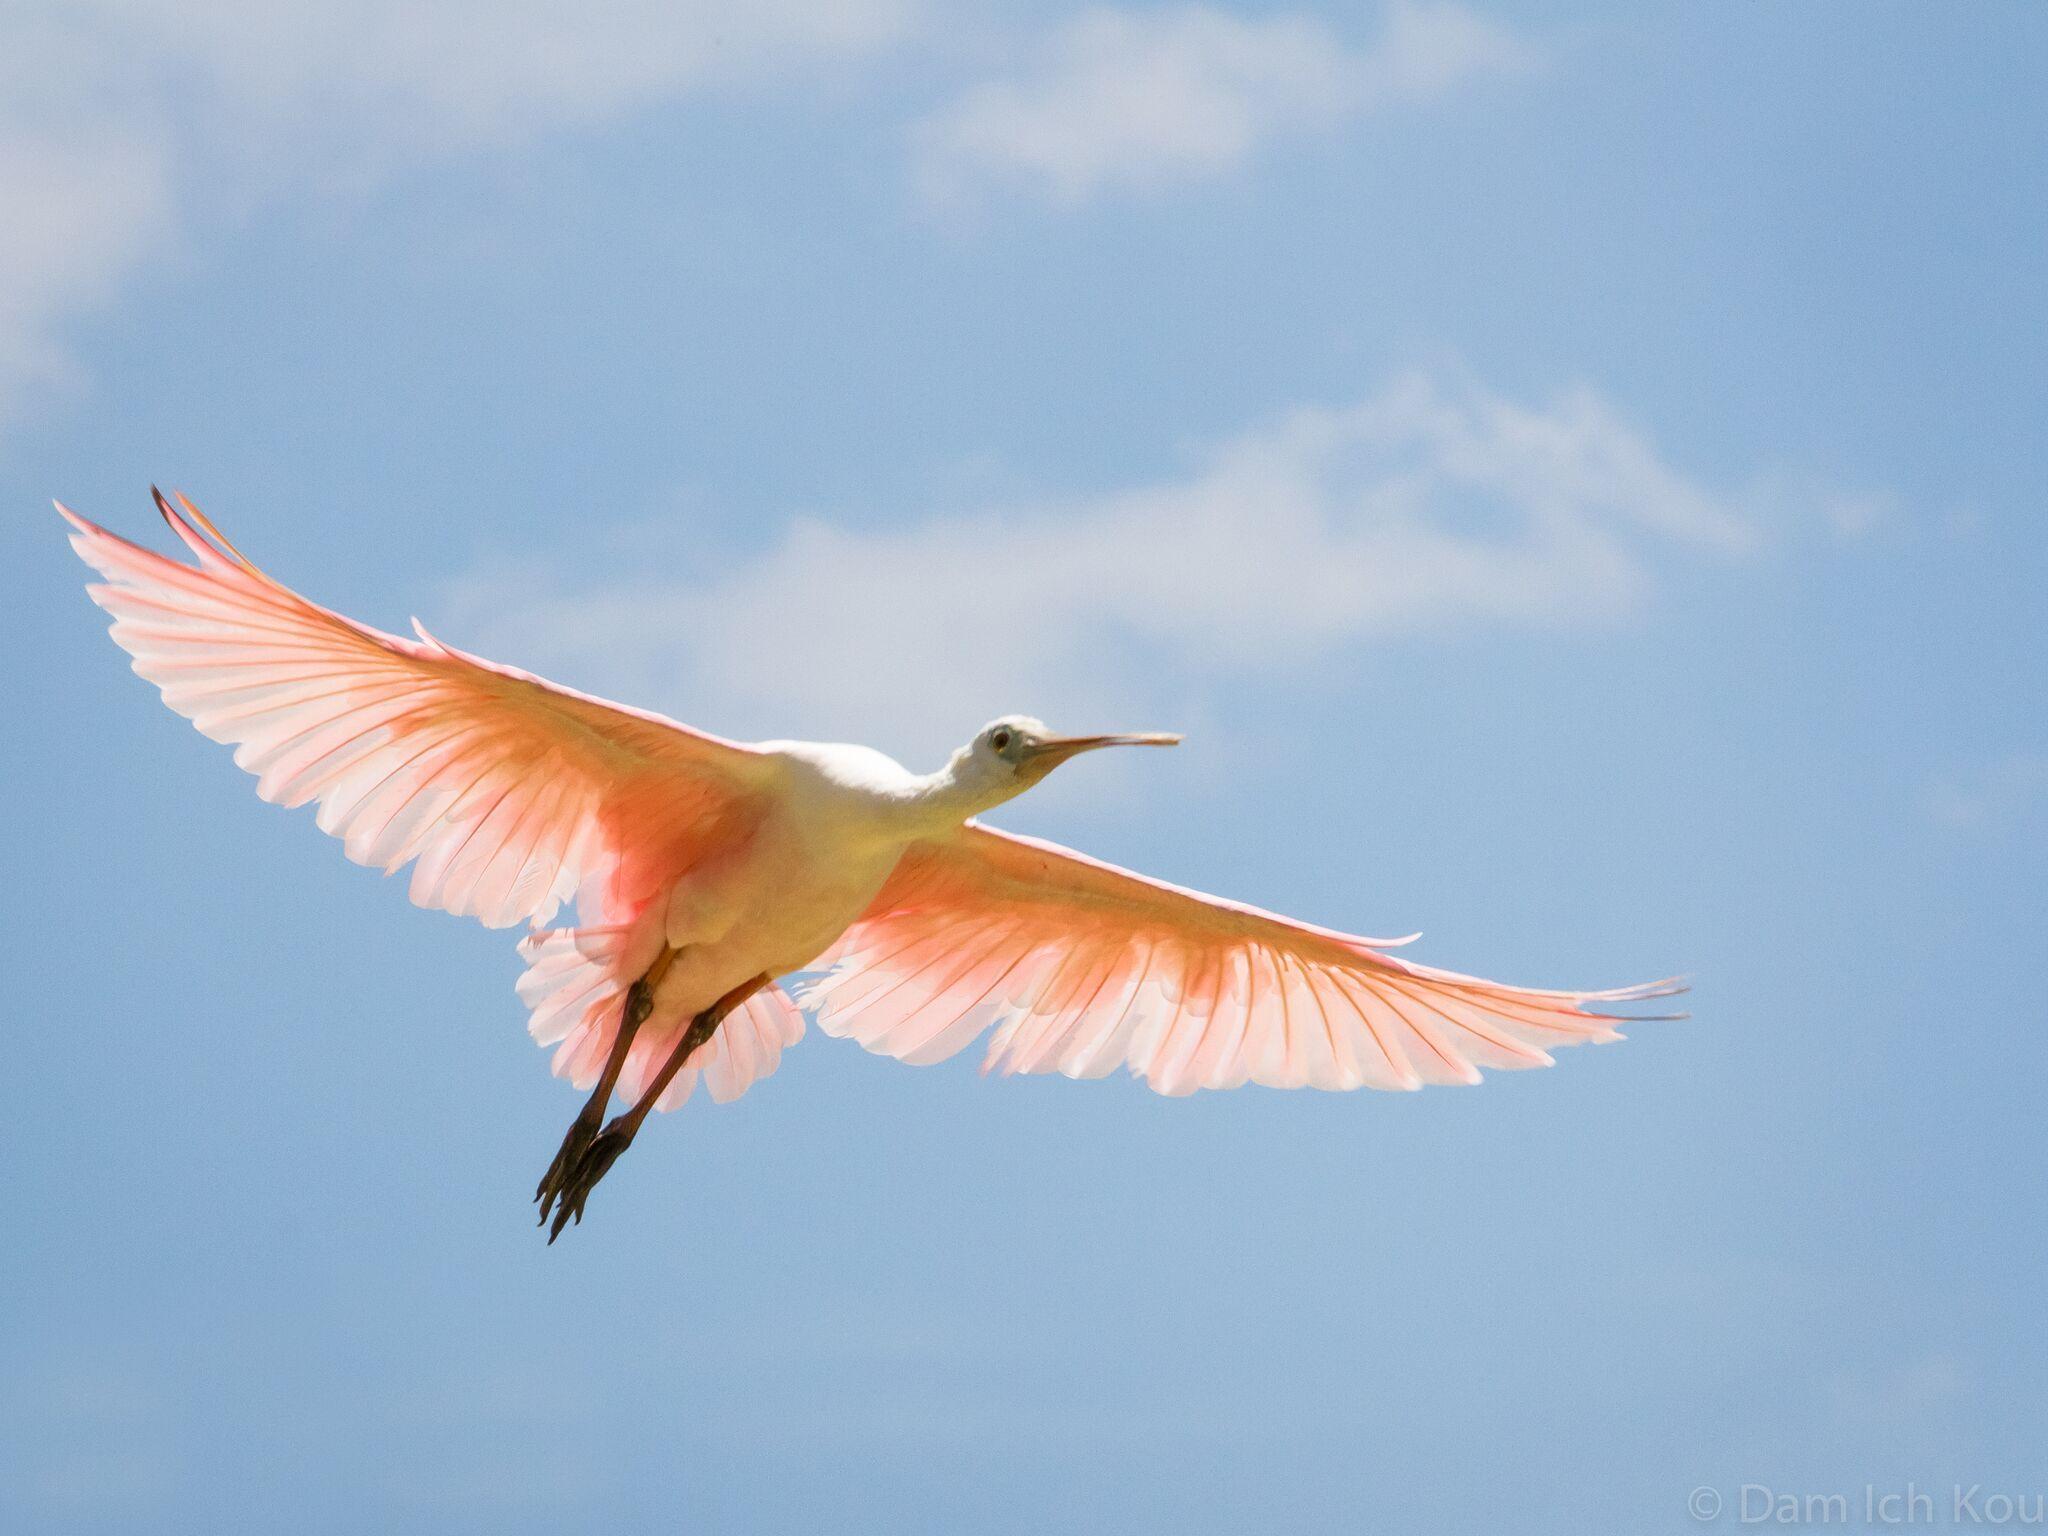 Oiseau en plein vol on participe les animaux l - Dessin oiseau en vol ...